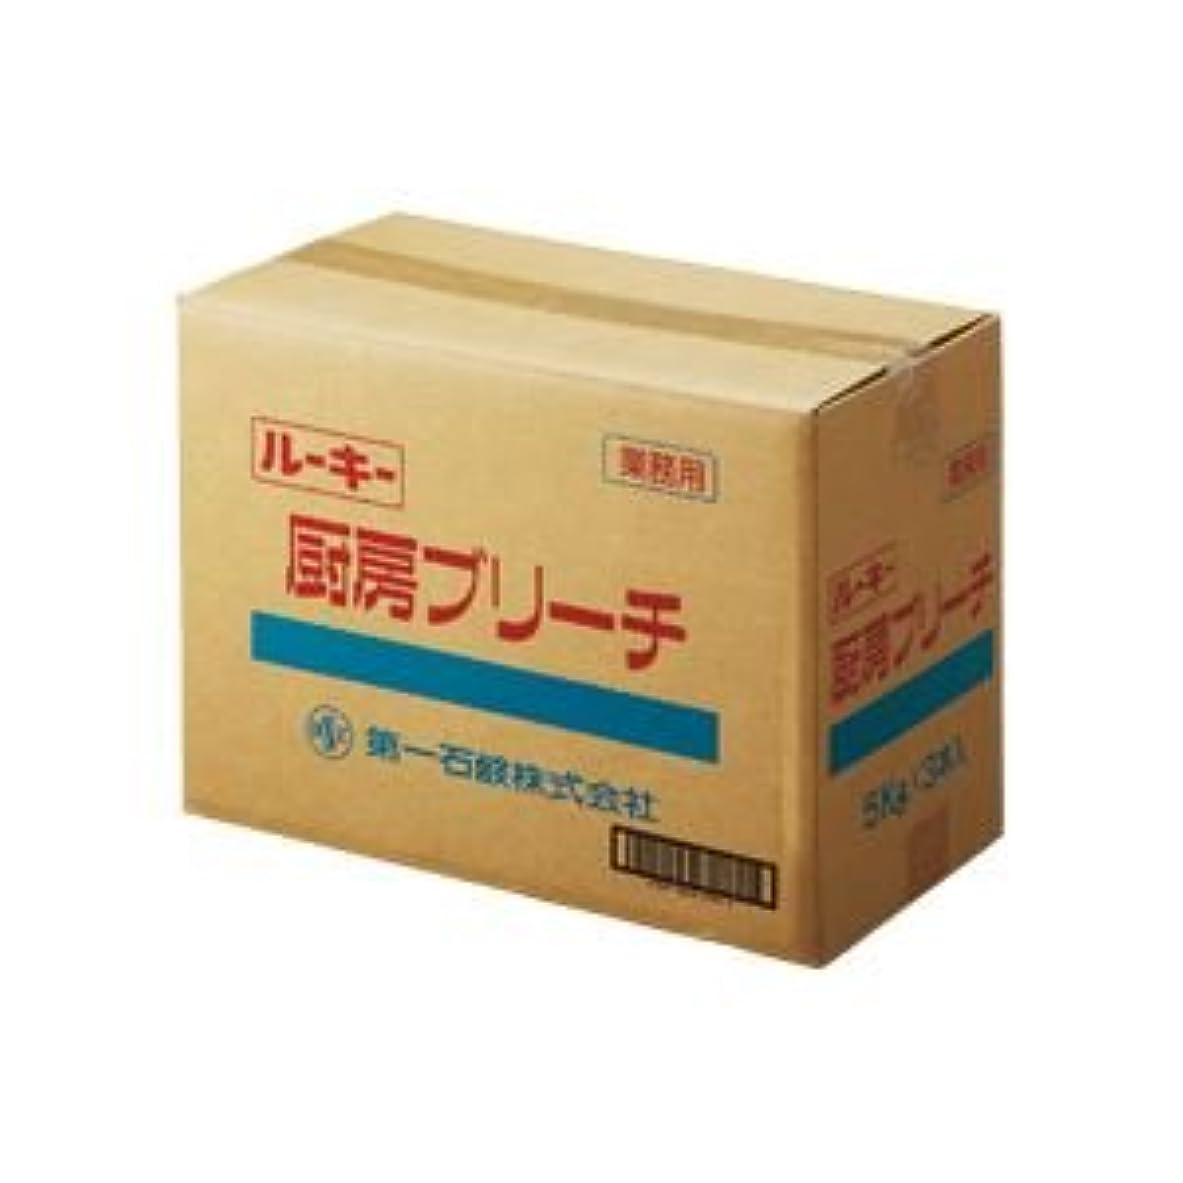 今晩検閲飛躍(まとめ) 第一石鹸 ルーキー 厨房ブリーチ 業務用 5kg/本 1セット(3本) 【×2セット】